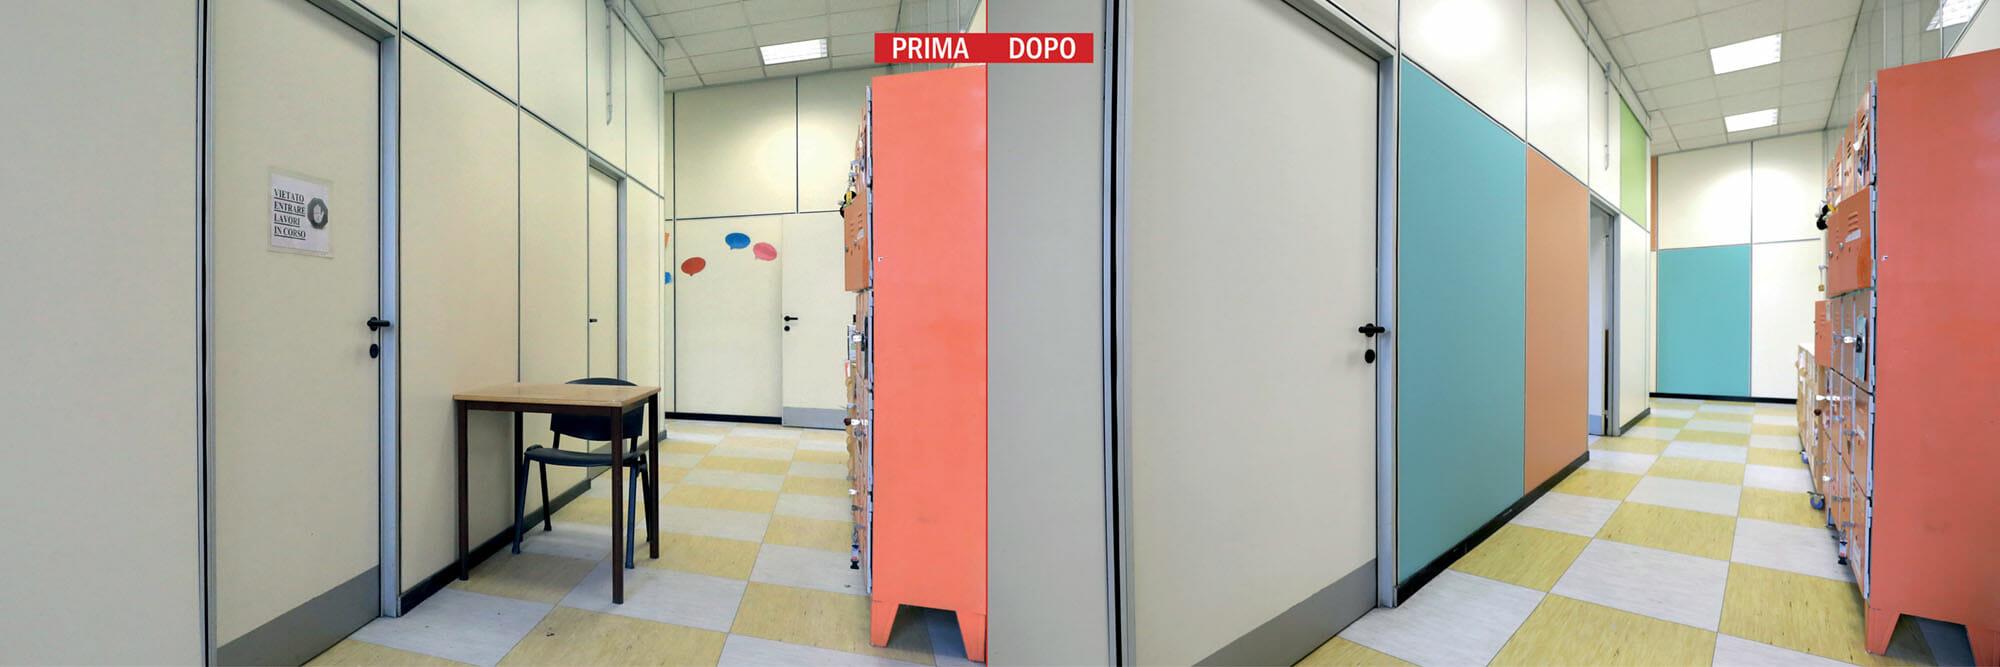 PRIMA-DOPO3